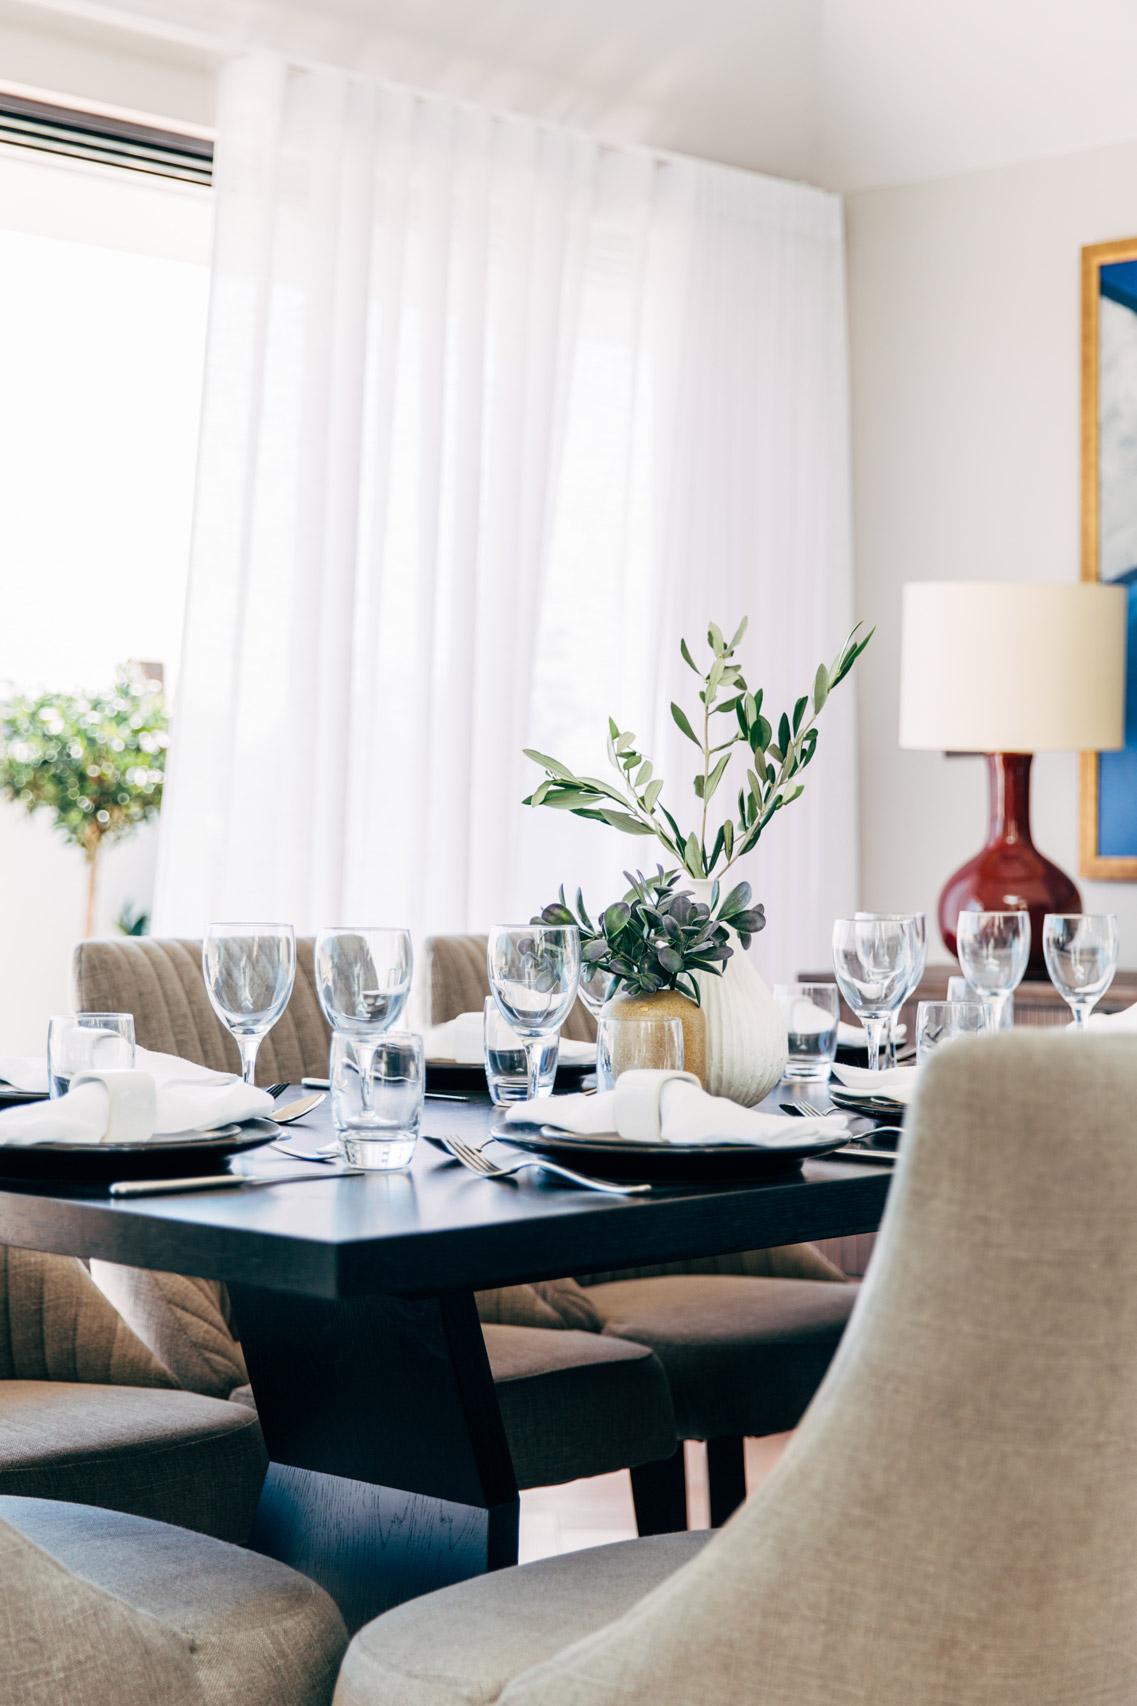 A_LONDON_Hamilton_Court_2_04_Dining_Room.jpg